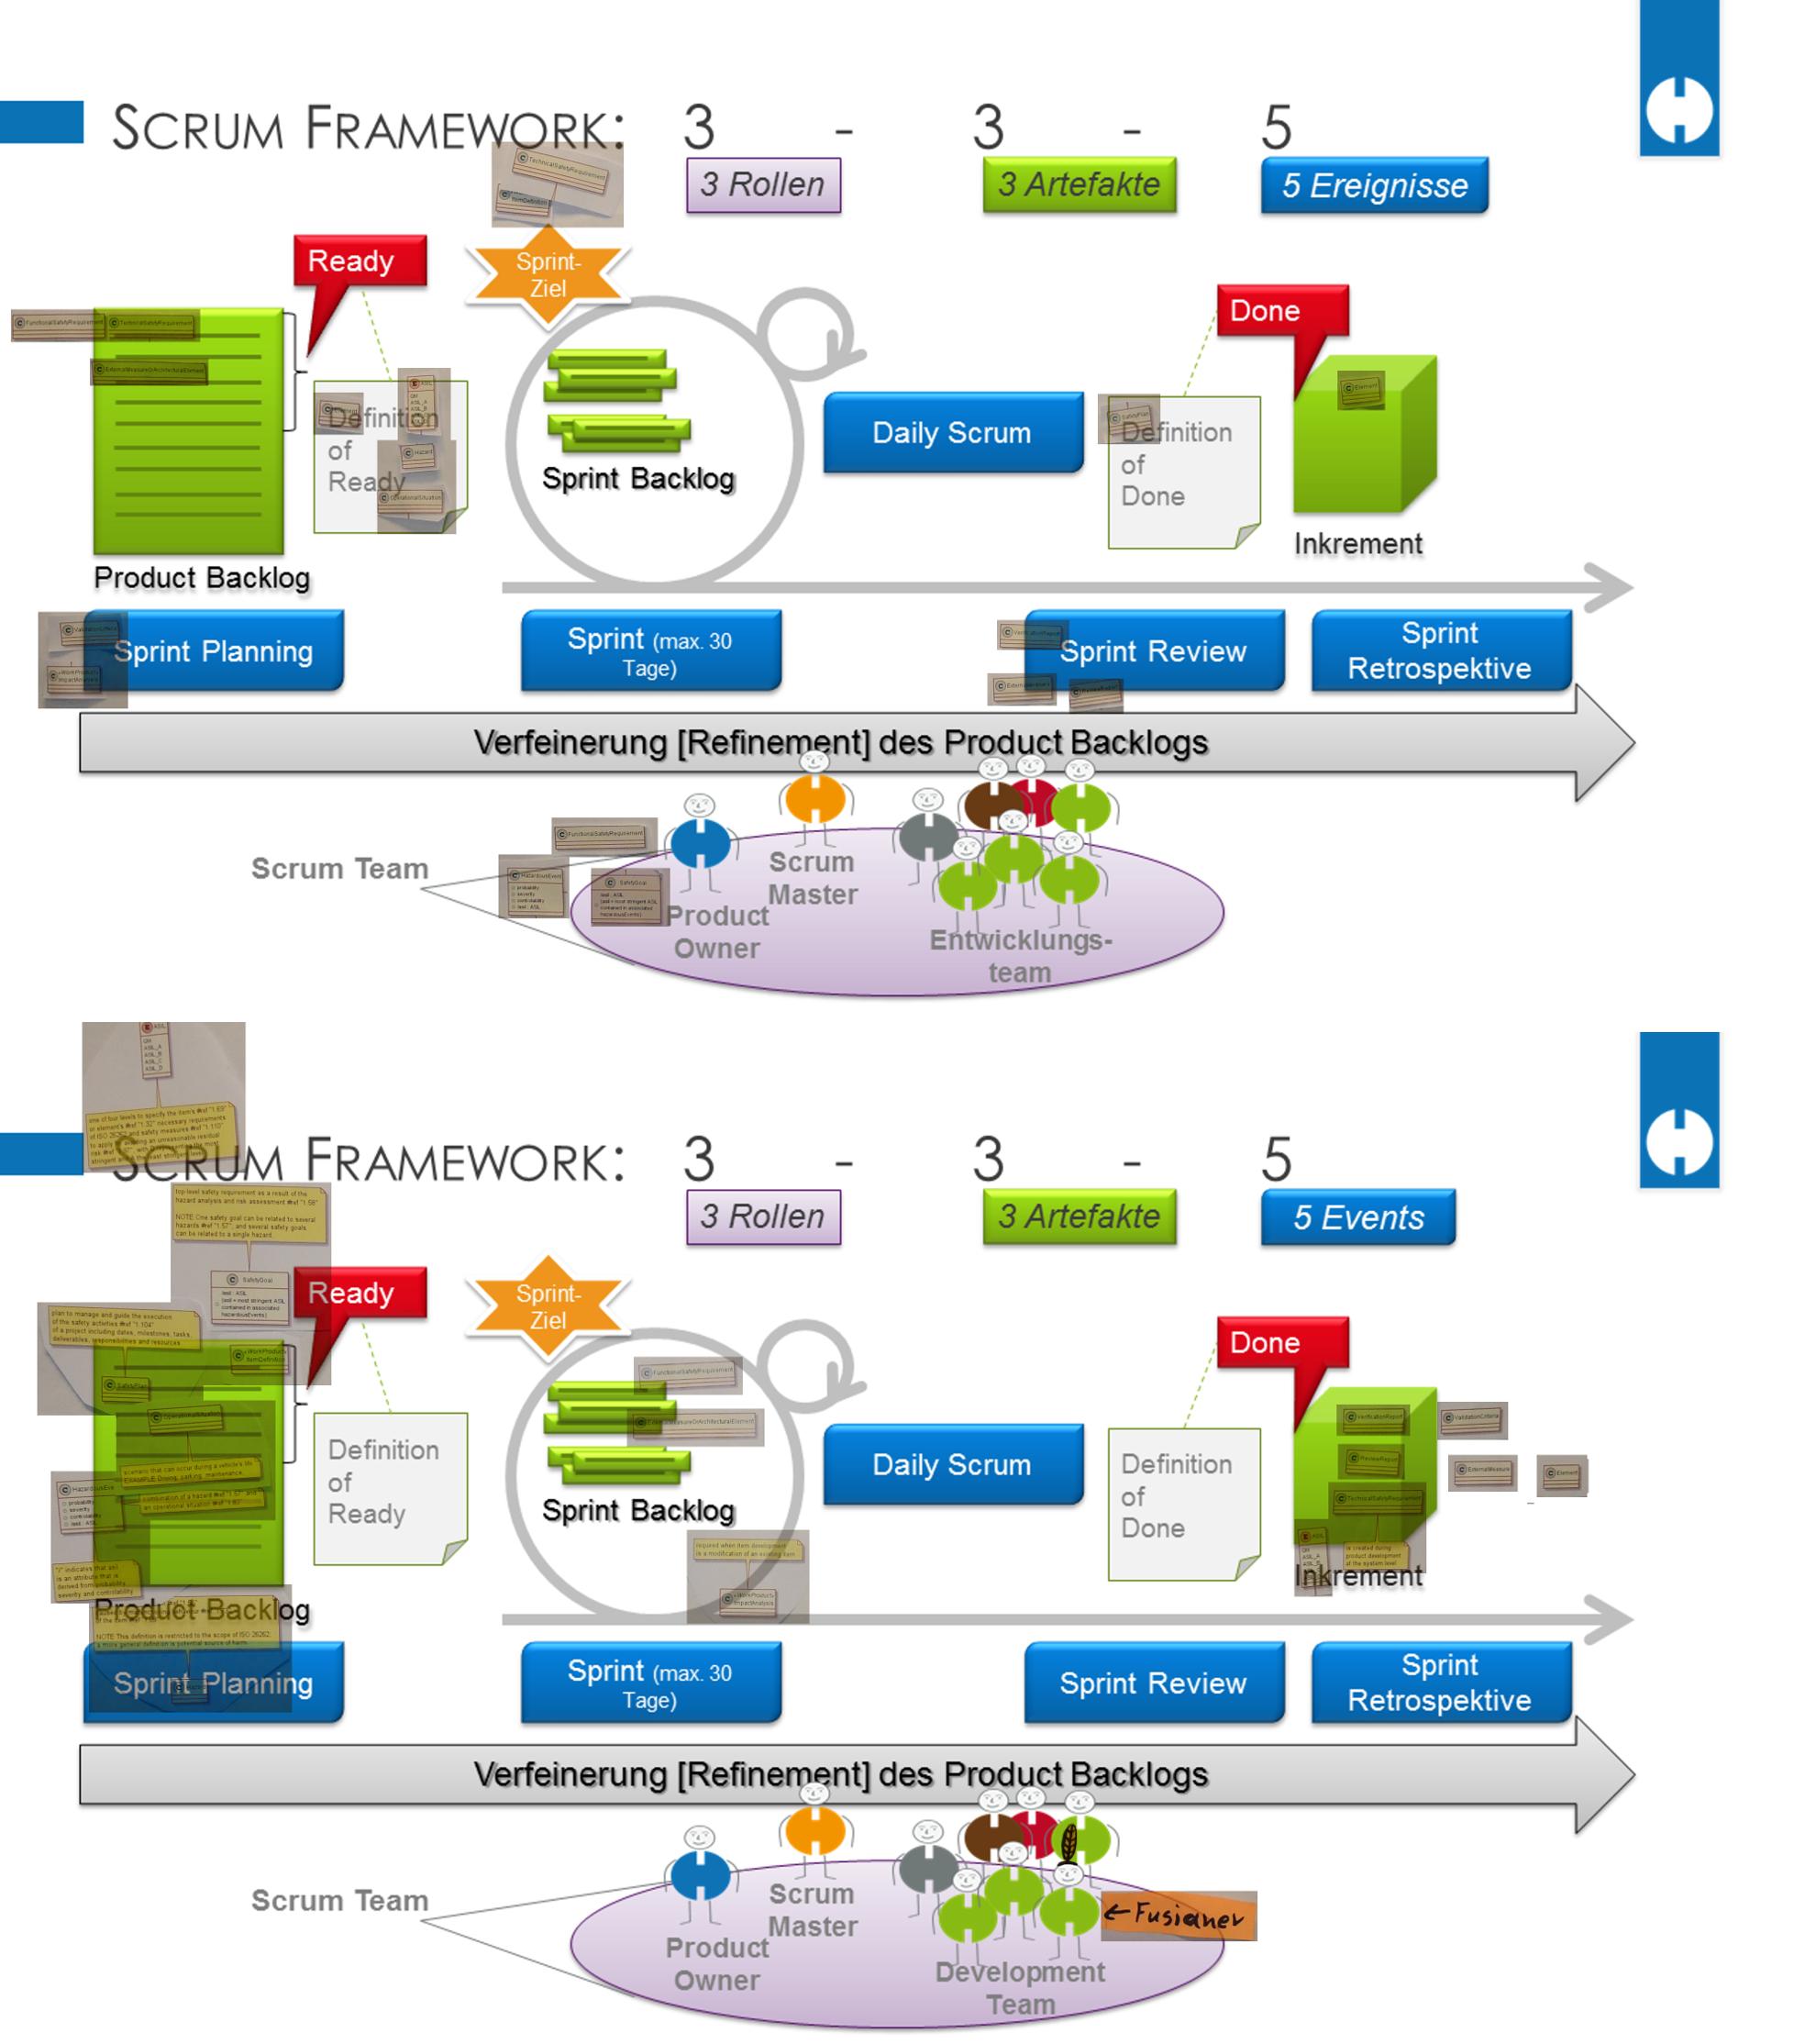 Teilnehmerergebnisse: Schaffung der Artefakte im Scrum-Framework